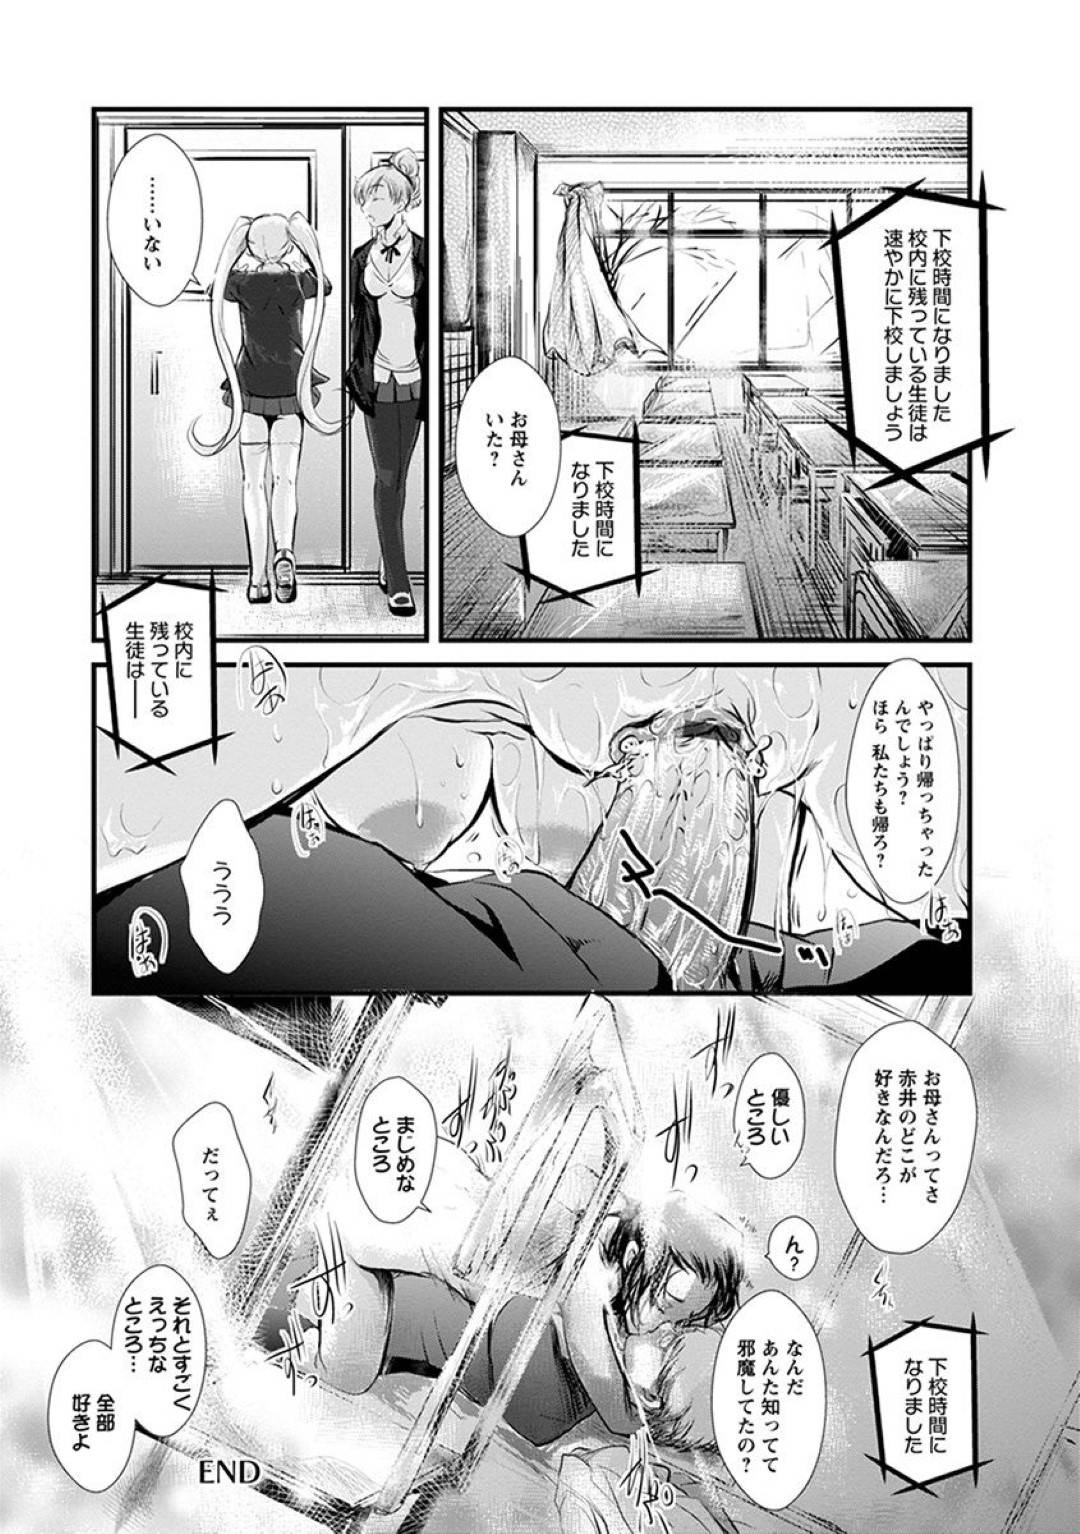 【エロ漫画】とある男子生徒の世話を焼くクラスメイトからお母さんと呼ばれる巨乳JK…しかし拒絶されてしまい傷心で立ち去ろうとするが本当の気持ちを伝えいちゃいちゃセックス!【そよき:からだじゅう♥して】